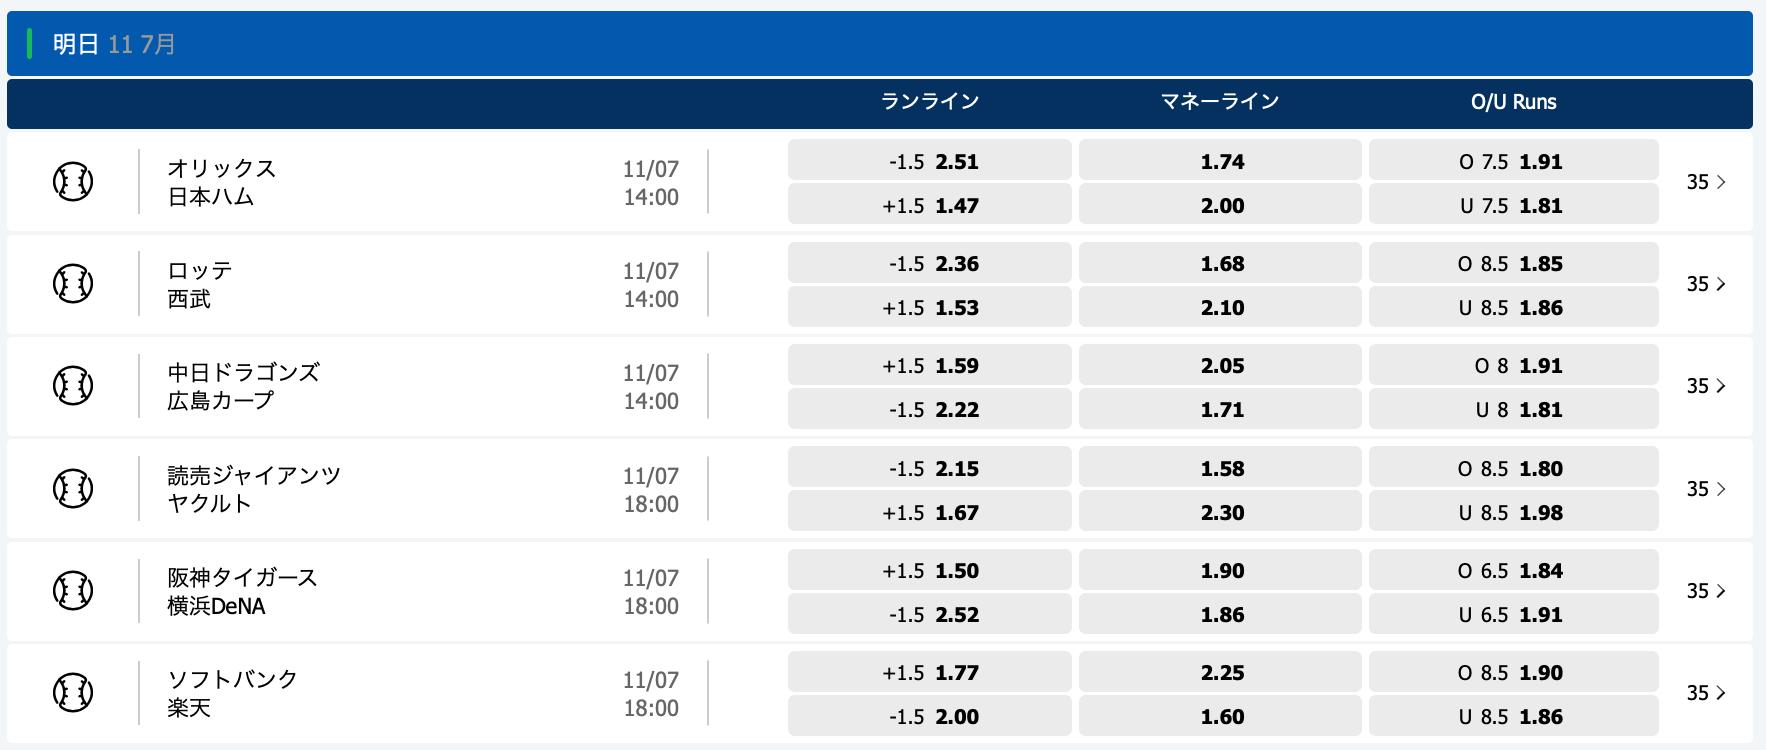 2020.7.11 プロ野球オッズ・10bet Japan